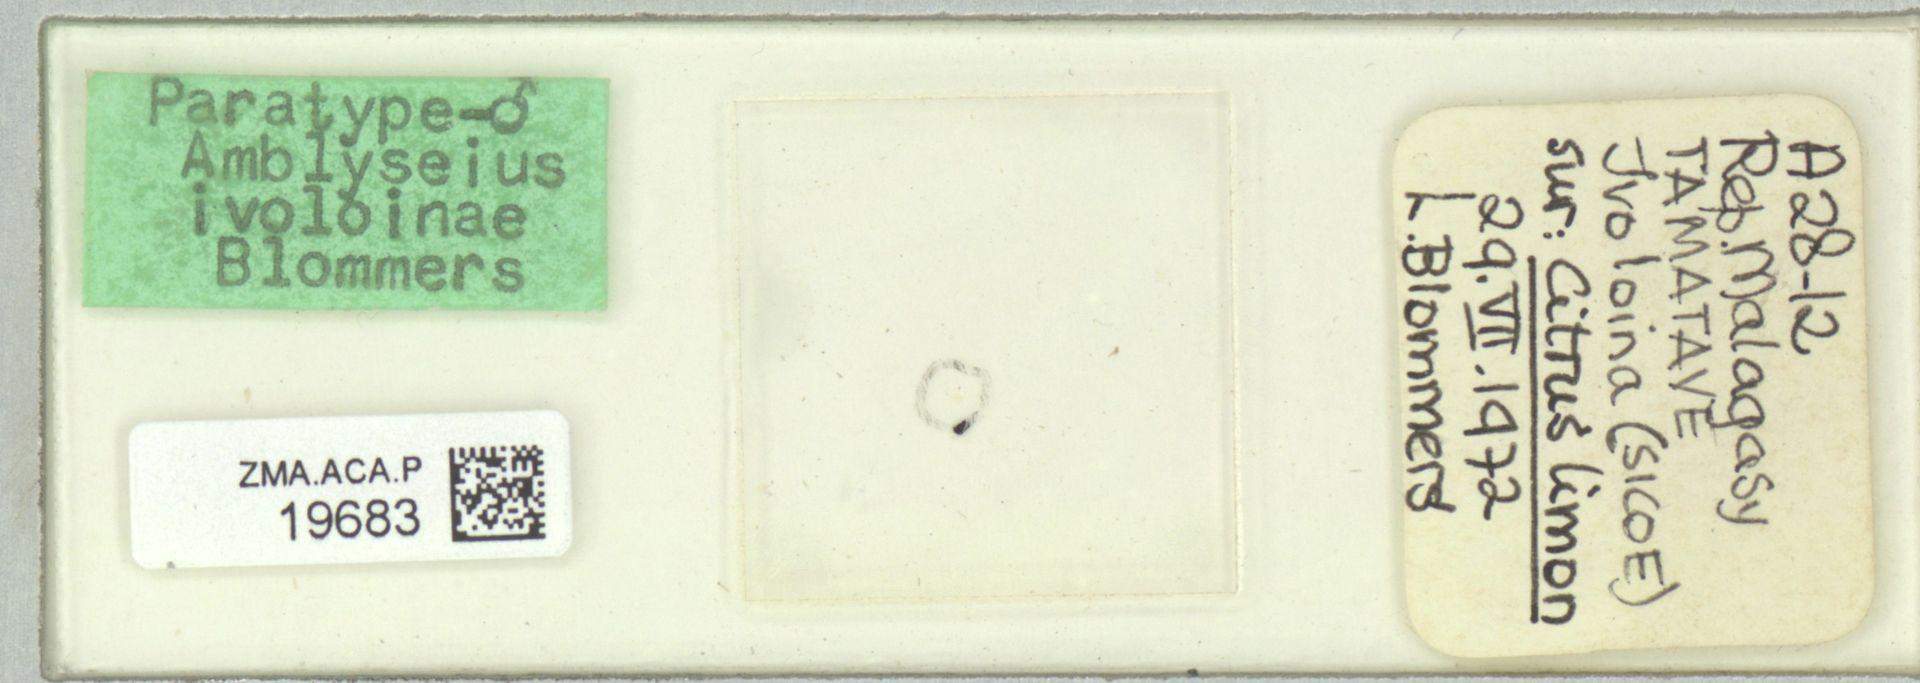 ZMA.ACA.P.19683 | Amblyseius ivoloinae Blommers